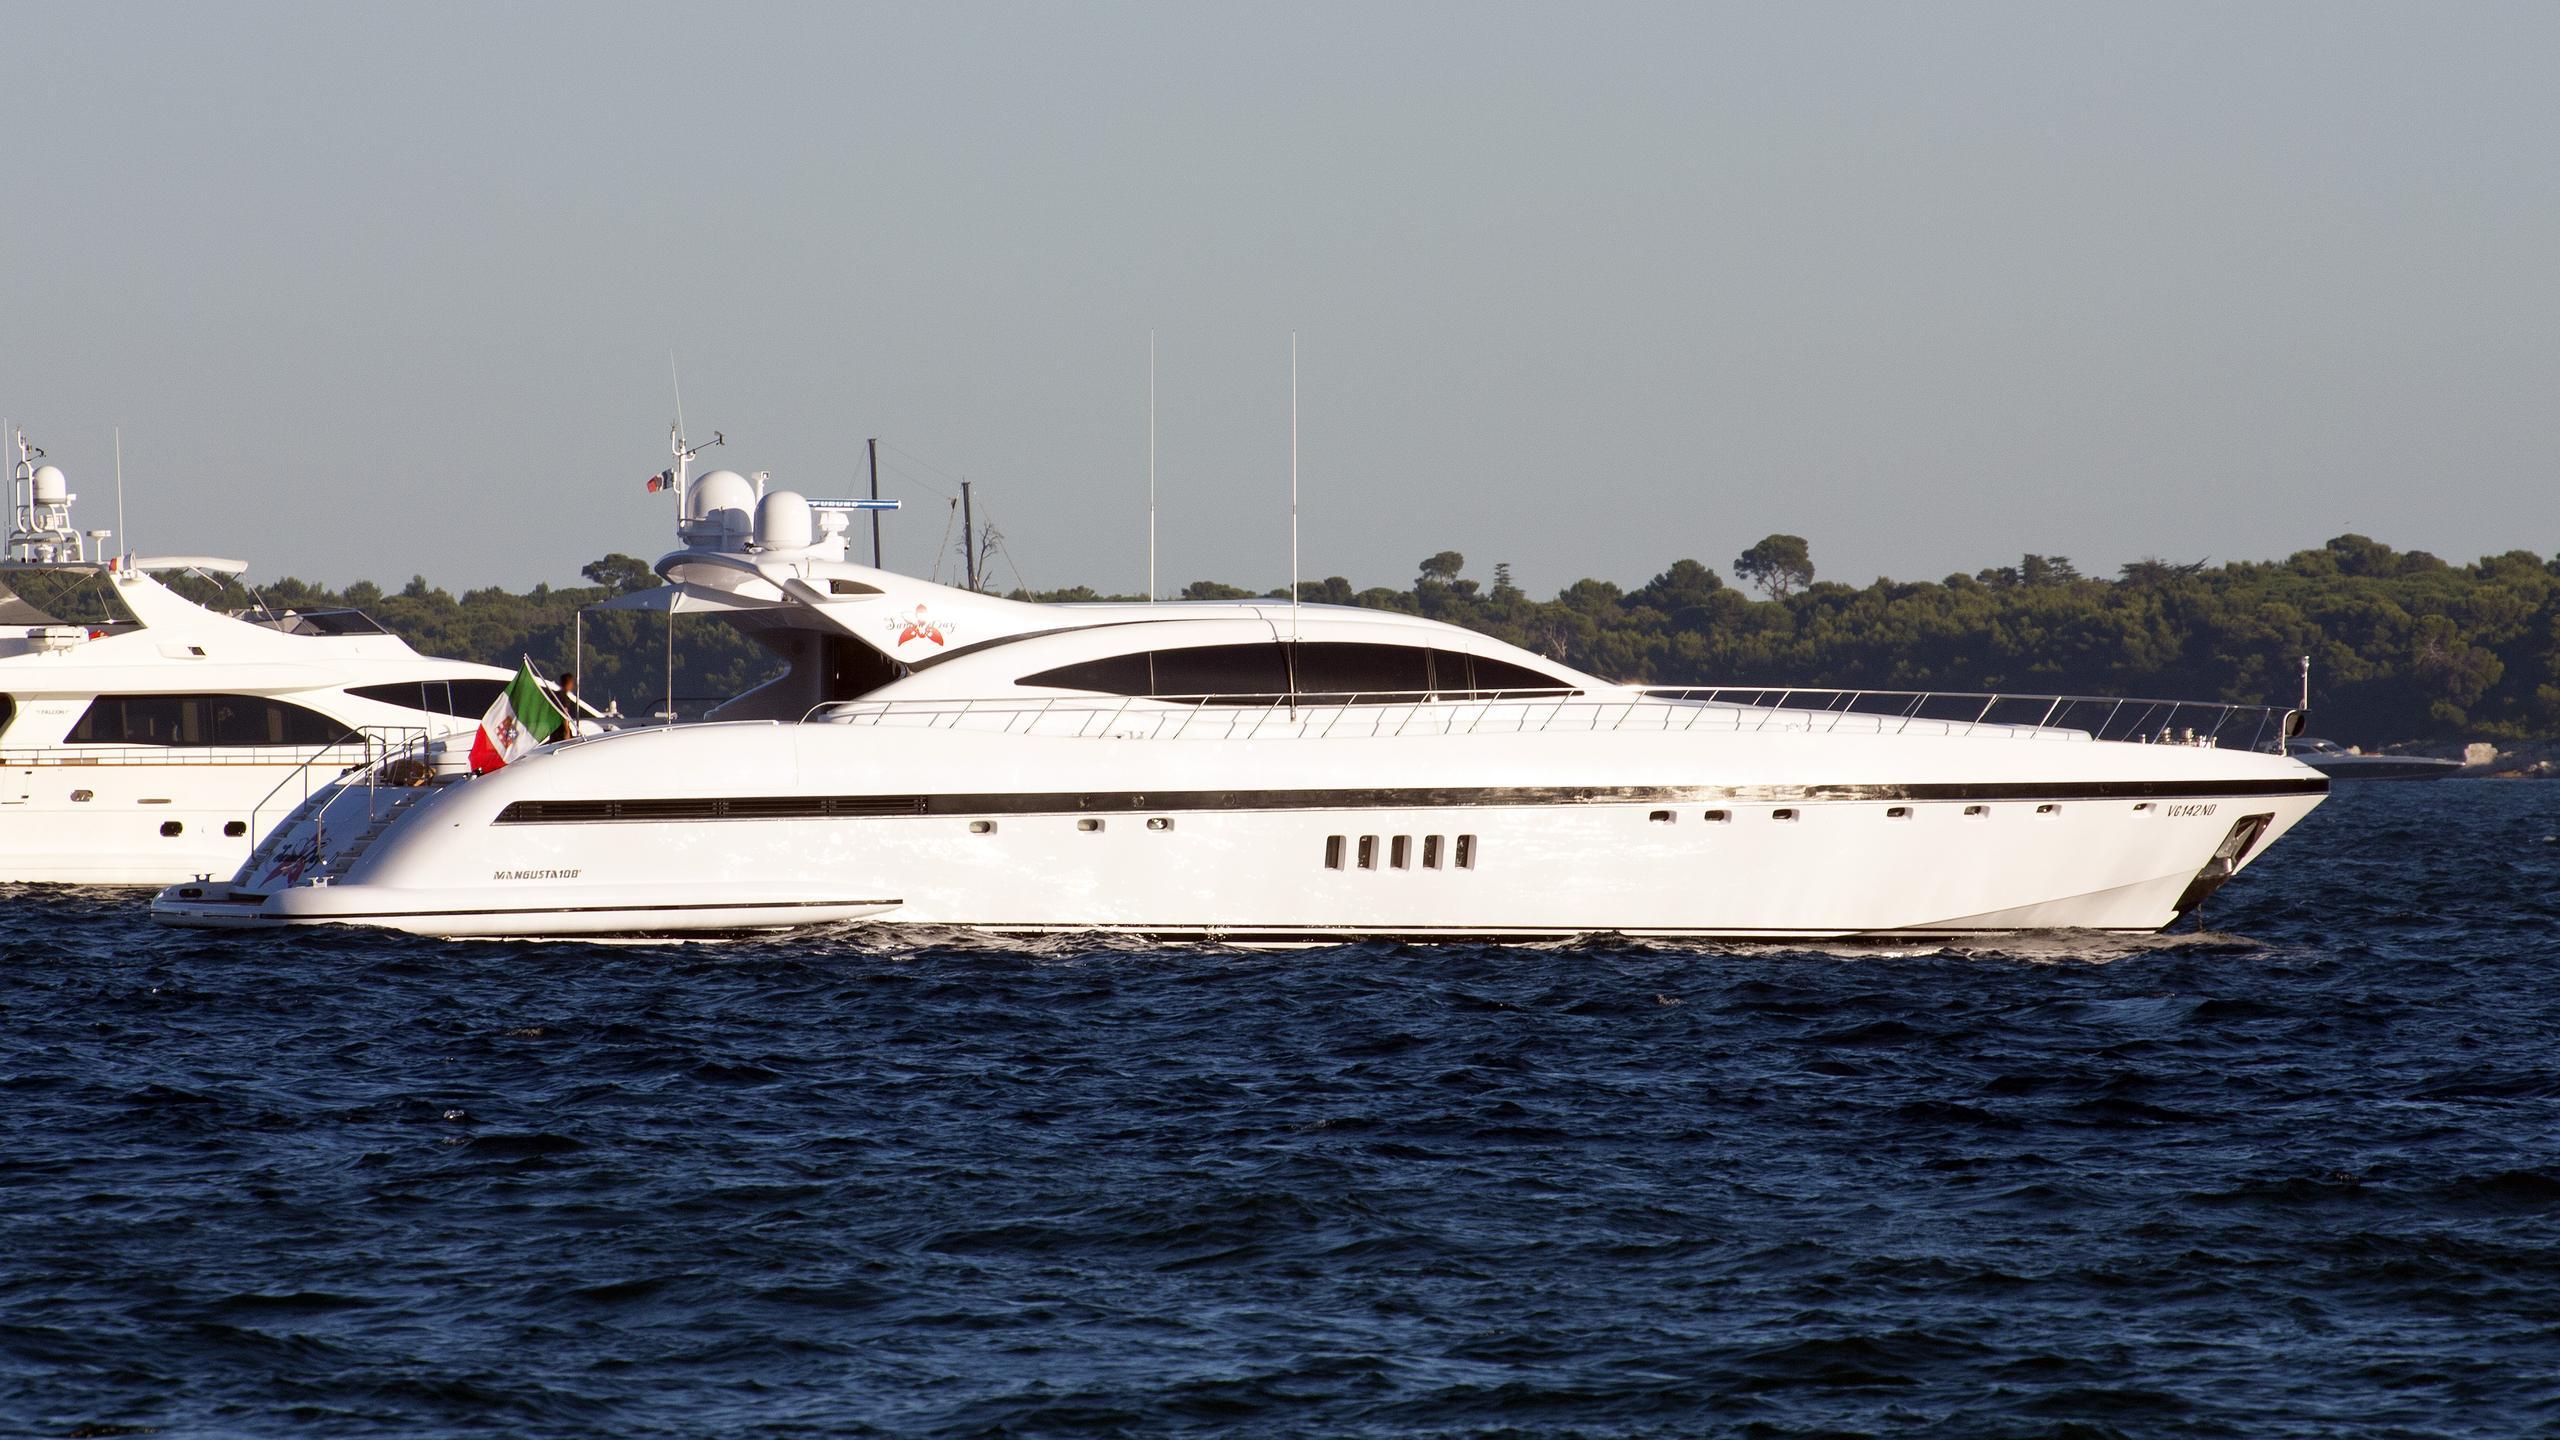 markagain-samoa-bay-motor-yacht-overmarine-mangusta-108-sport-2004-33m-profile